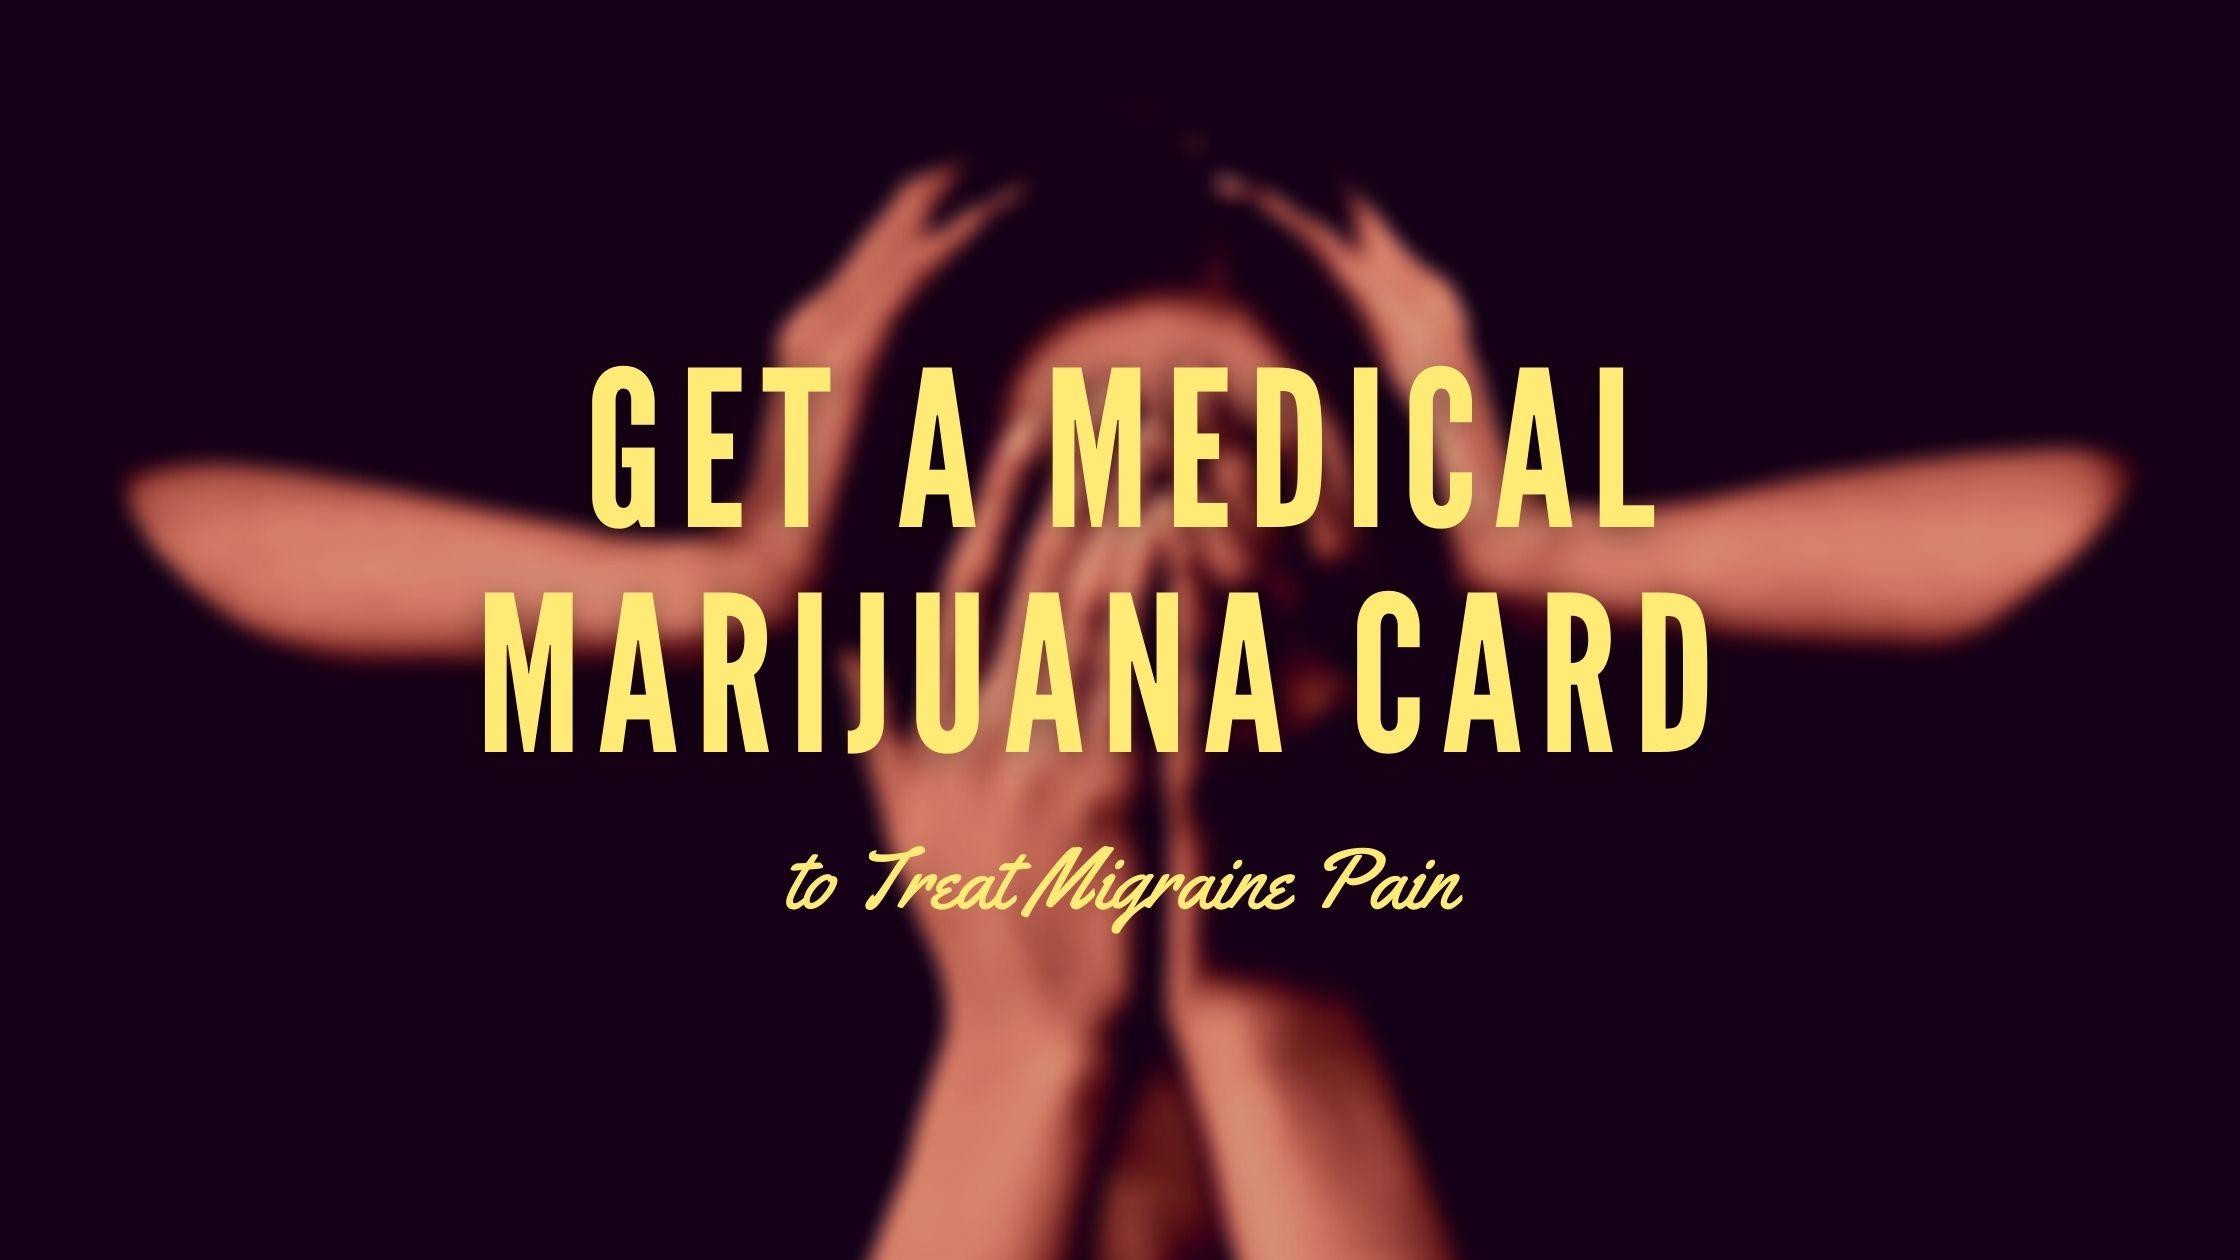 Get-a-Medical-Marijuana-Card